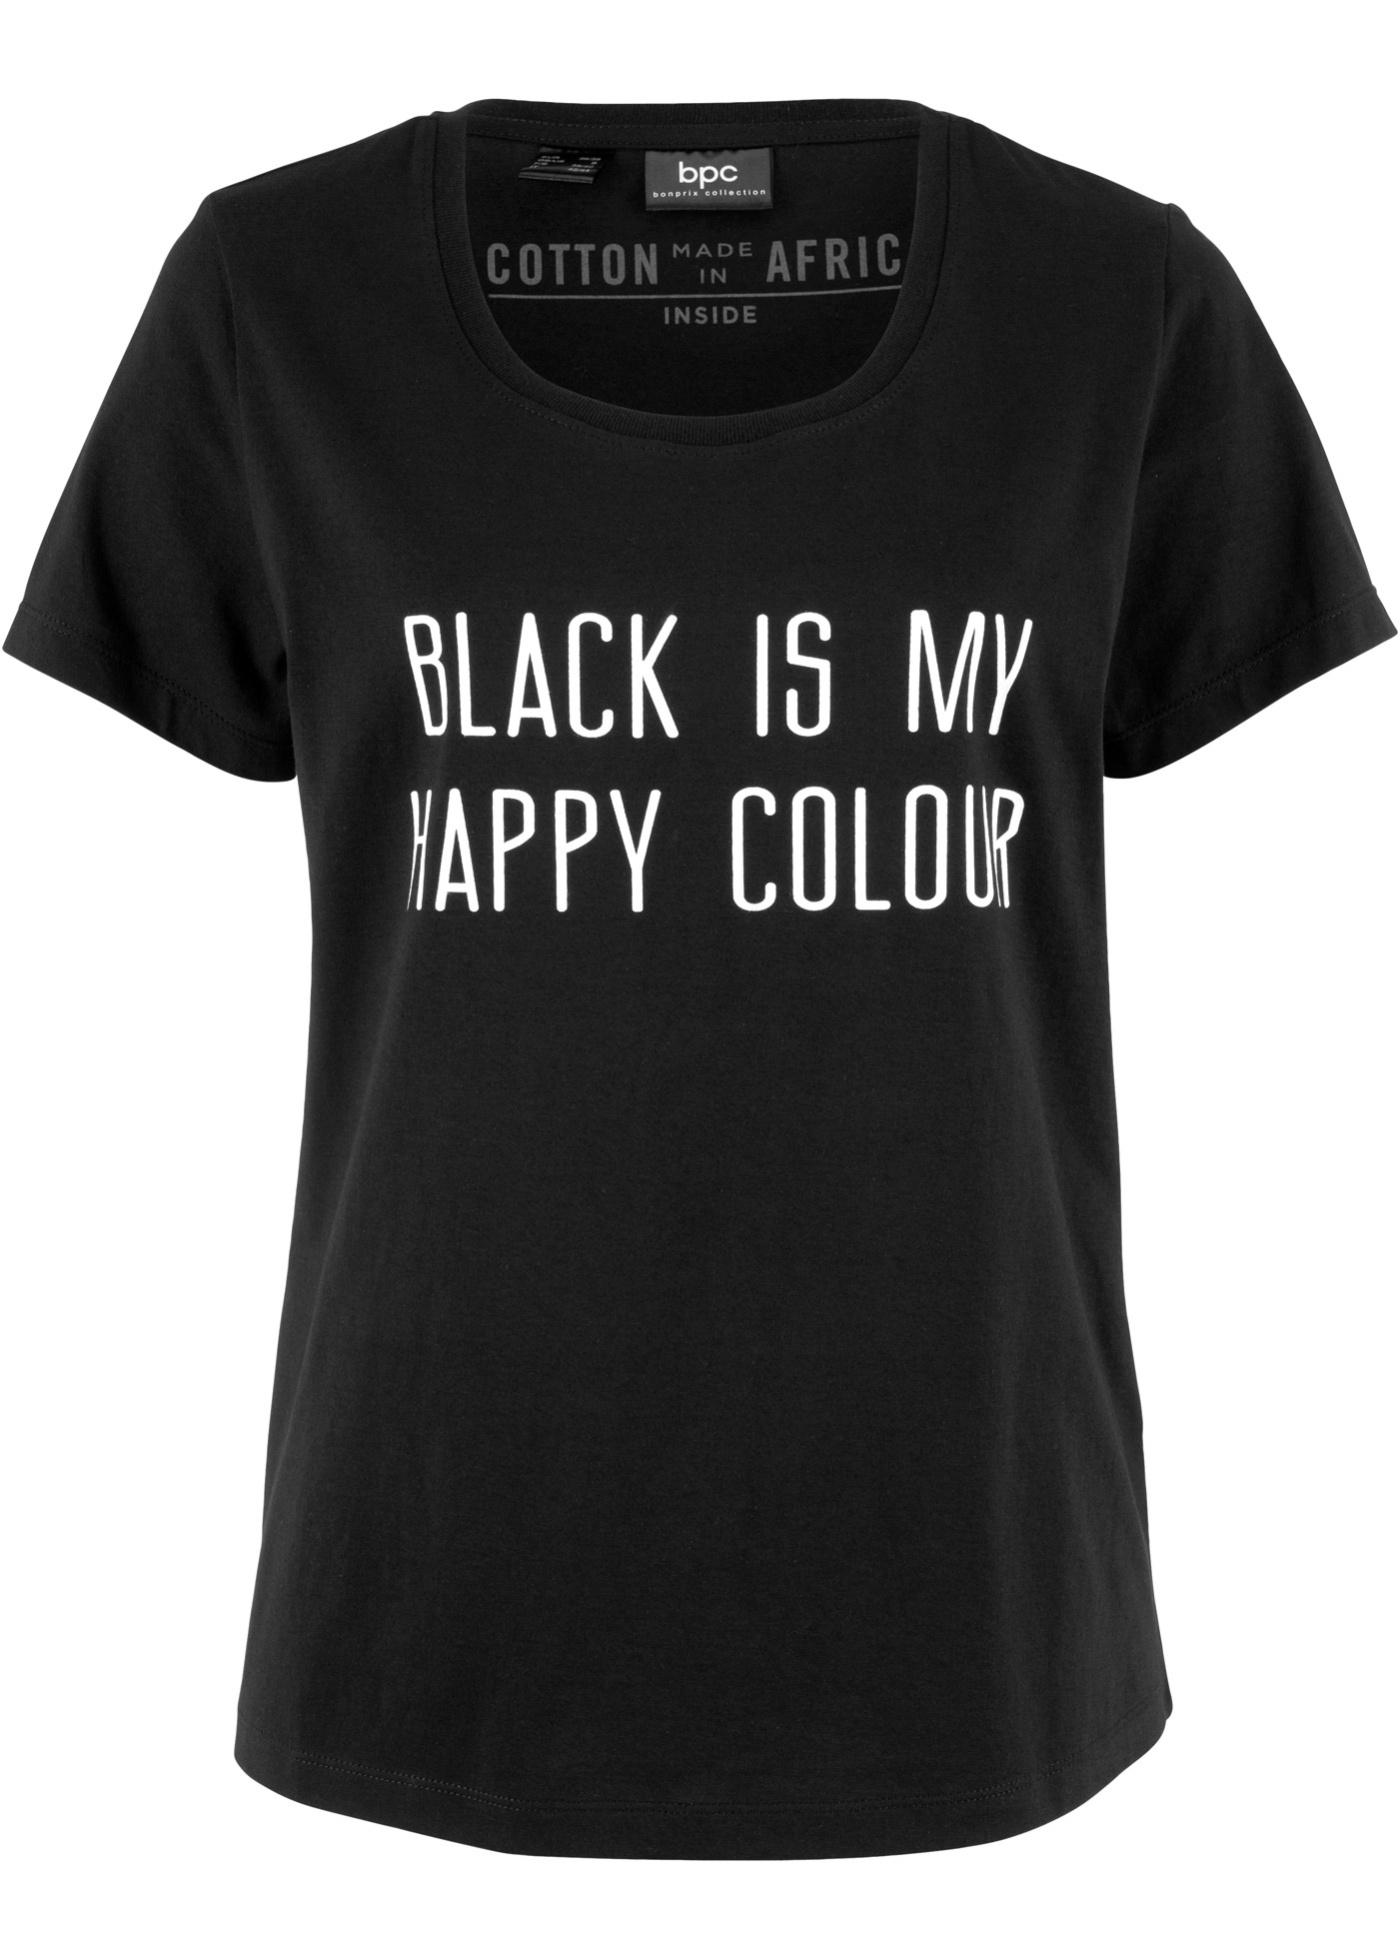 Noir Courtes Femme À Bpc CollectionT Manches shirt Pour Bonprix CxhdsrtQ